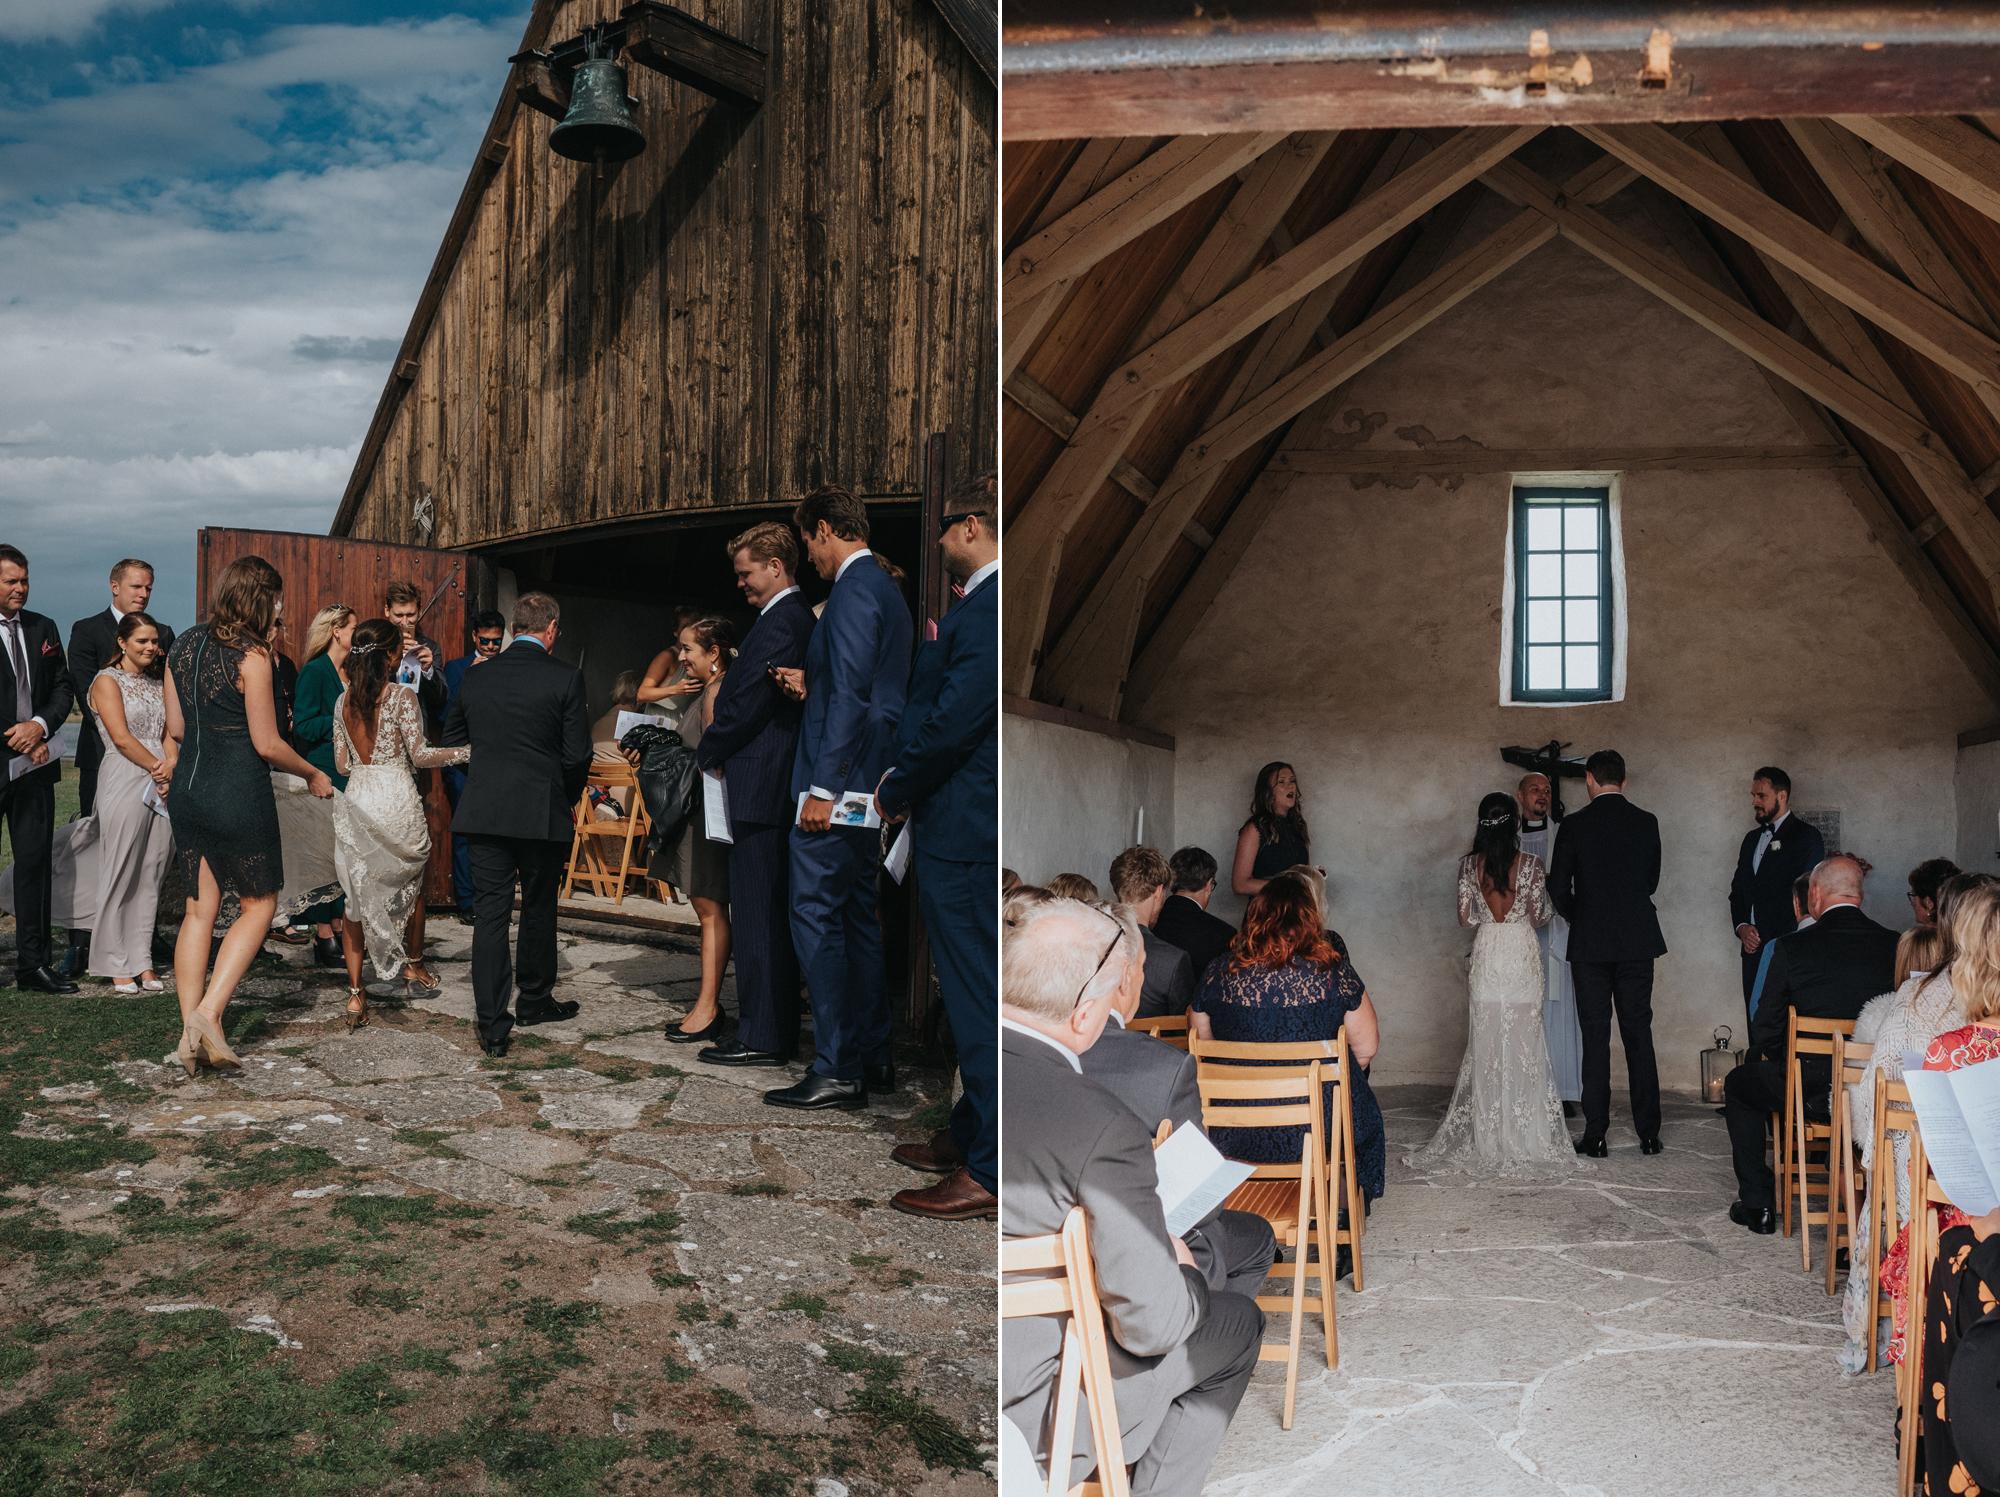 008-bröllop-kovik-gotland-neas-fotografi.jpg